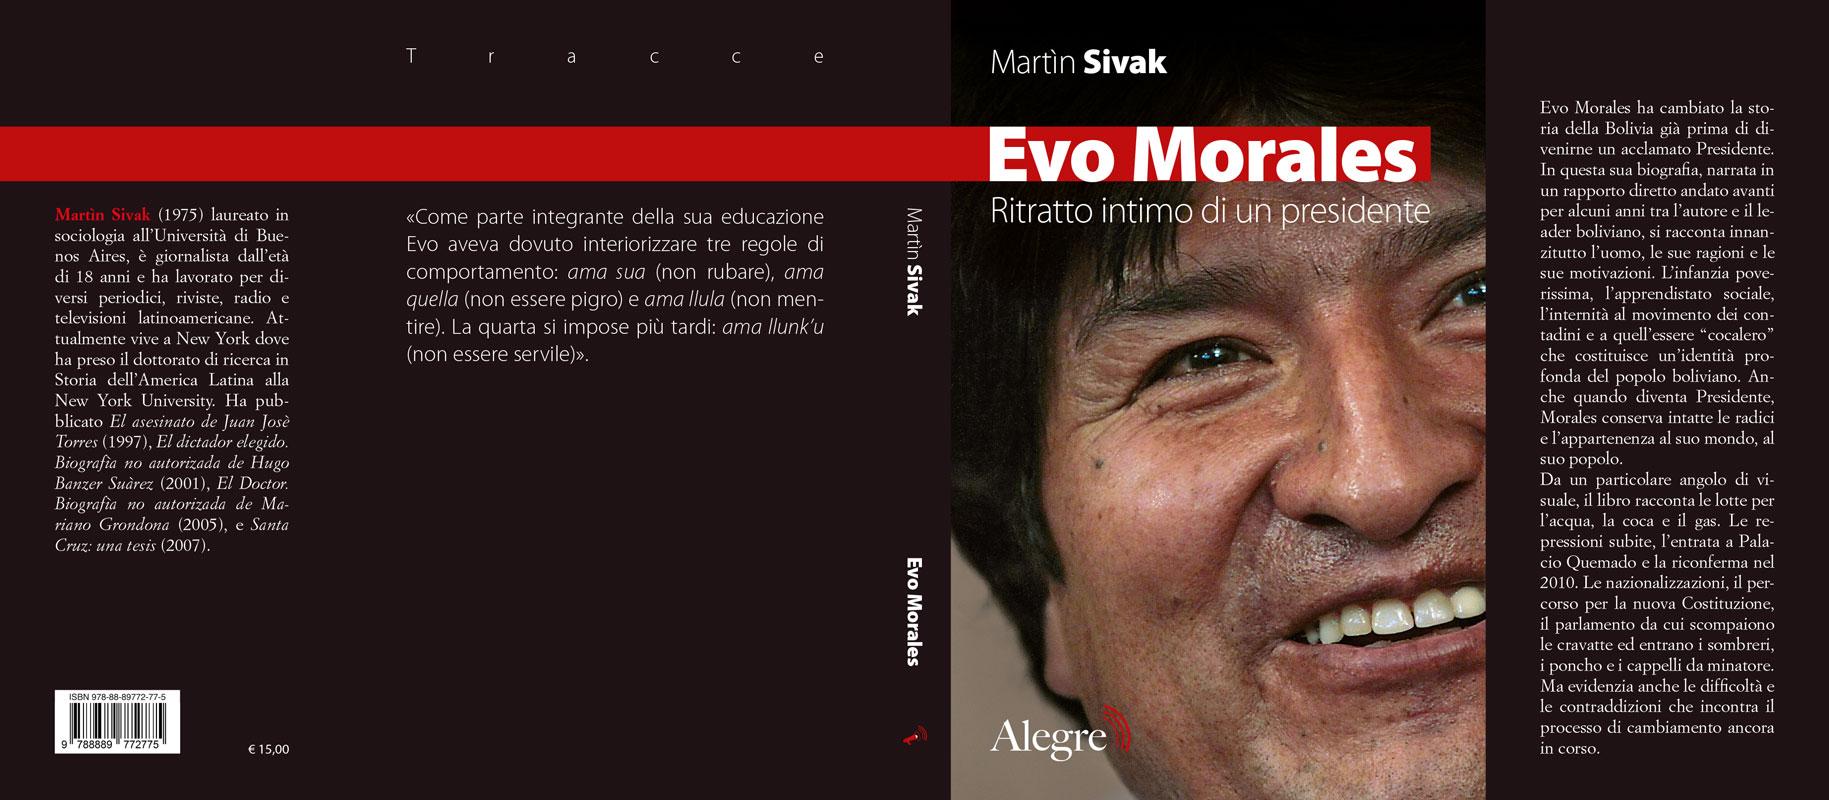 Martin Sivak, Evo Morales, stesa